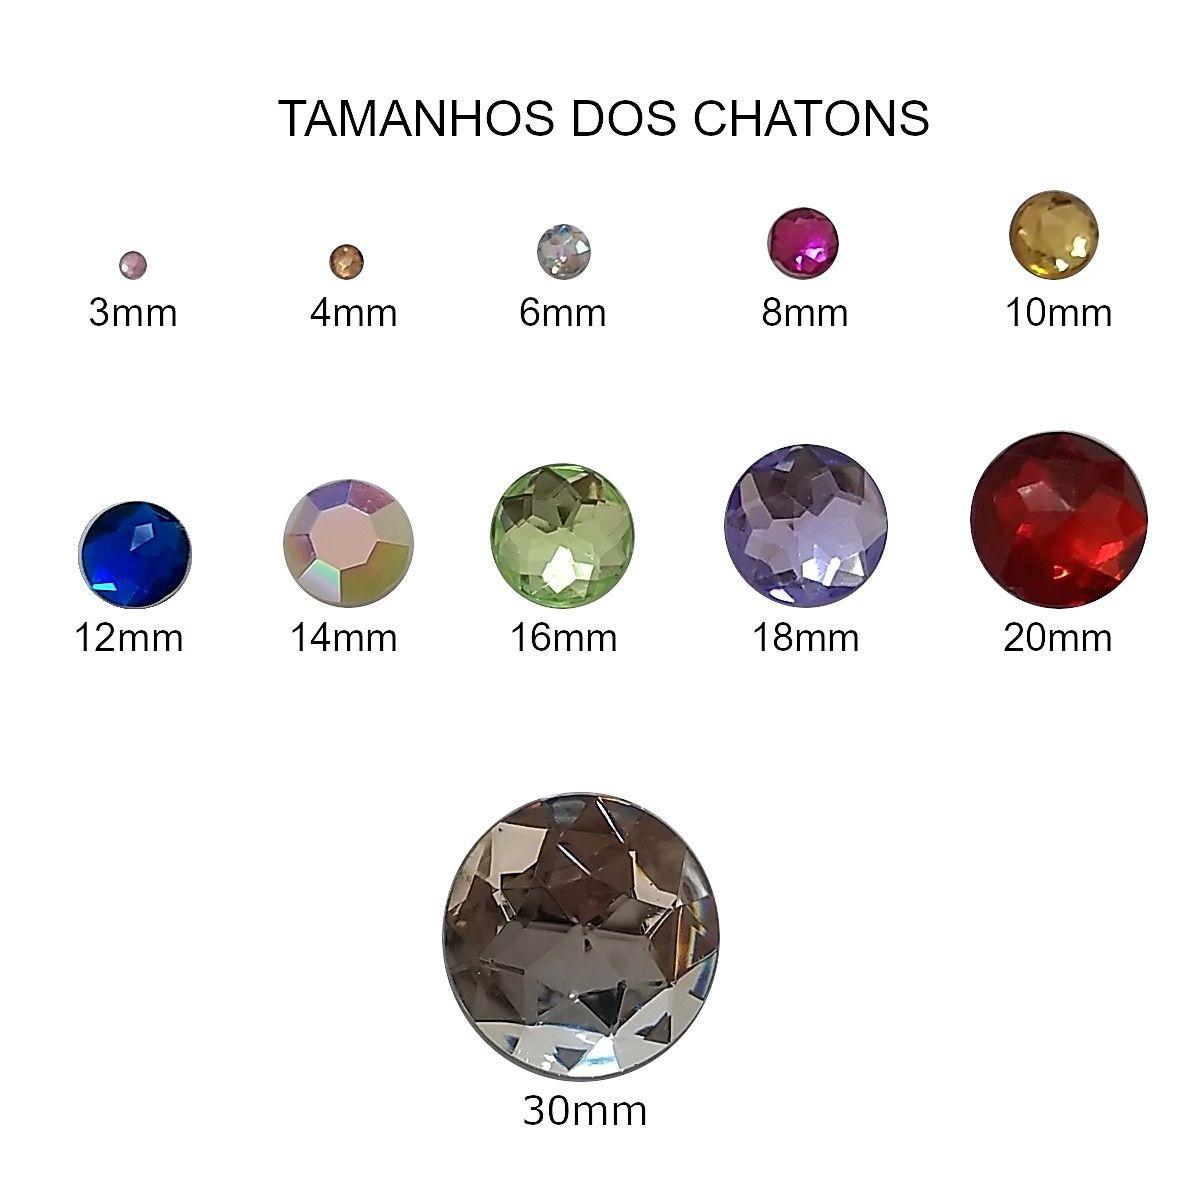 Chaton Costura Redondo Verde Escuro 6mm a 16mm  - SanBiju